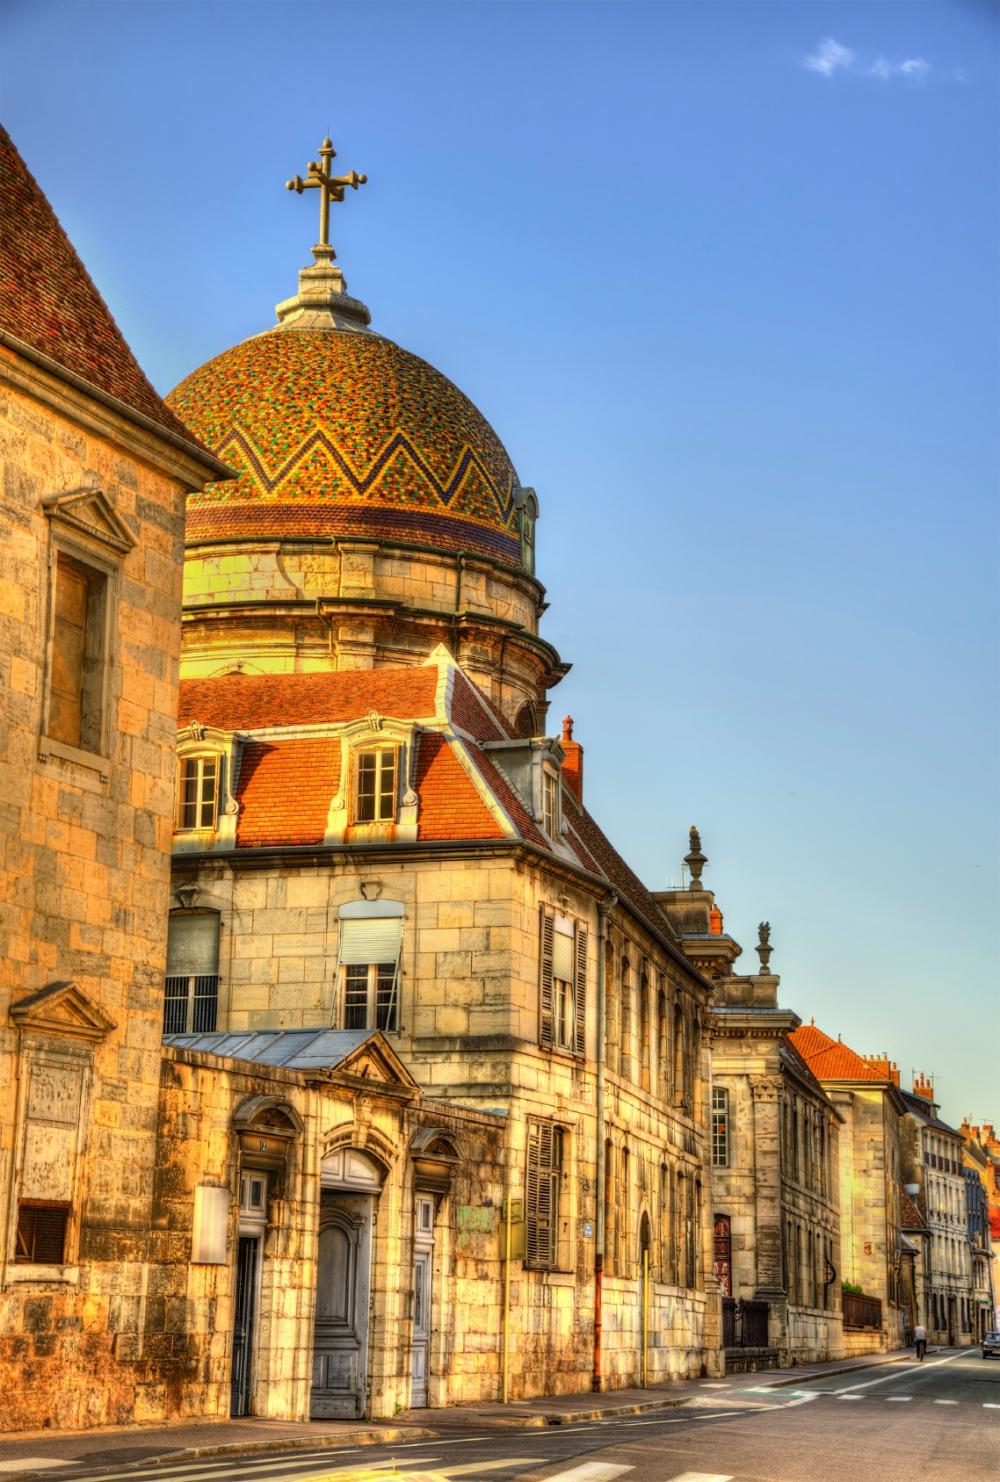 Hospital Saint-Jacques of Besancon - France, Doubs